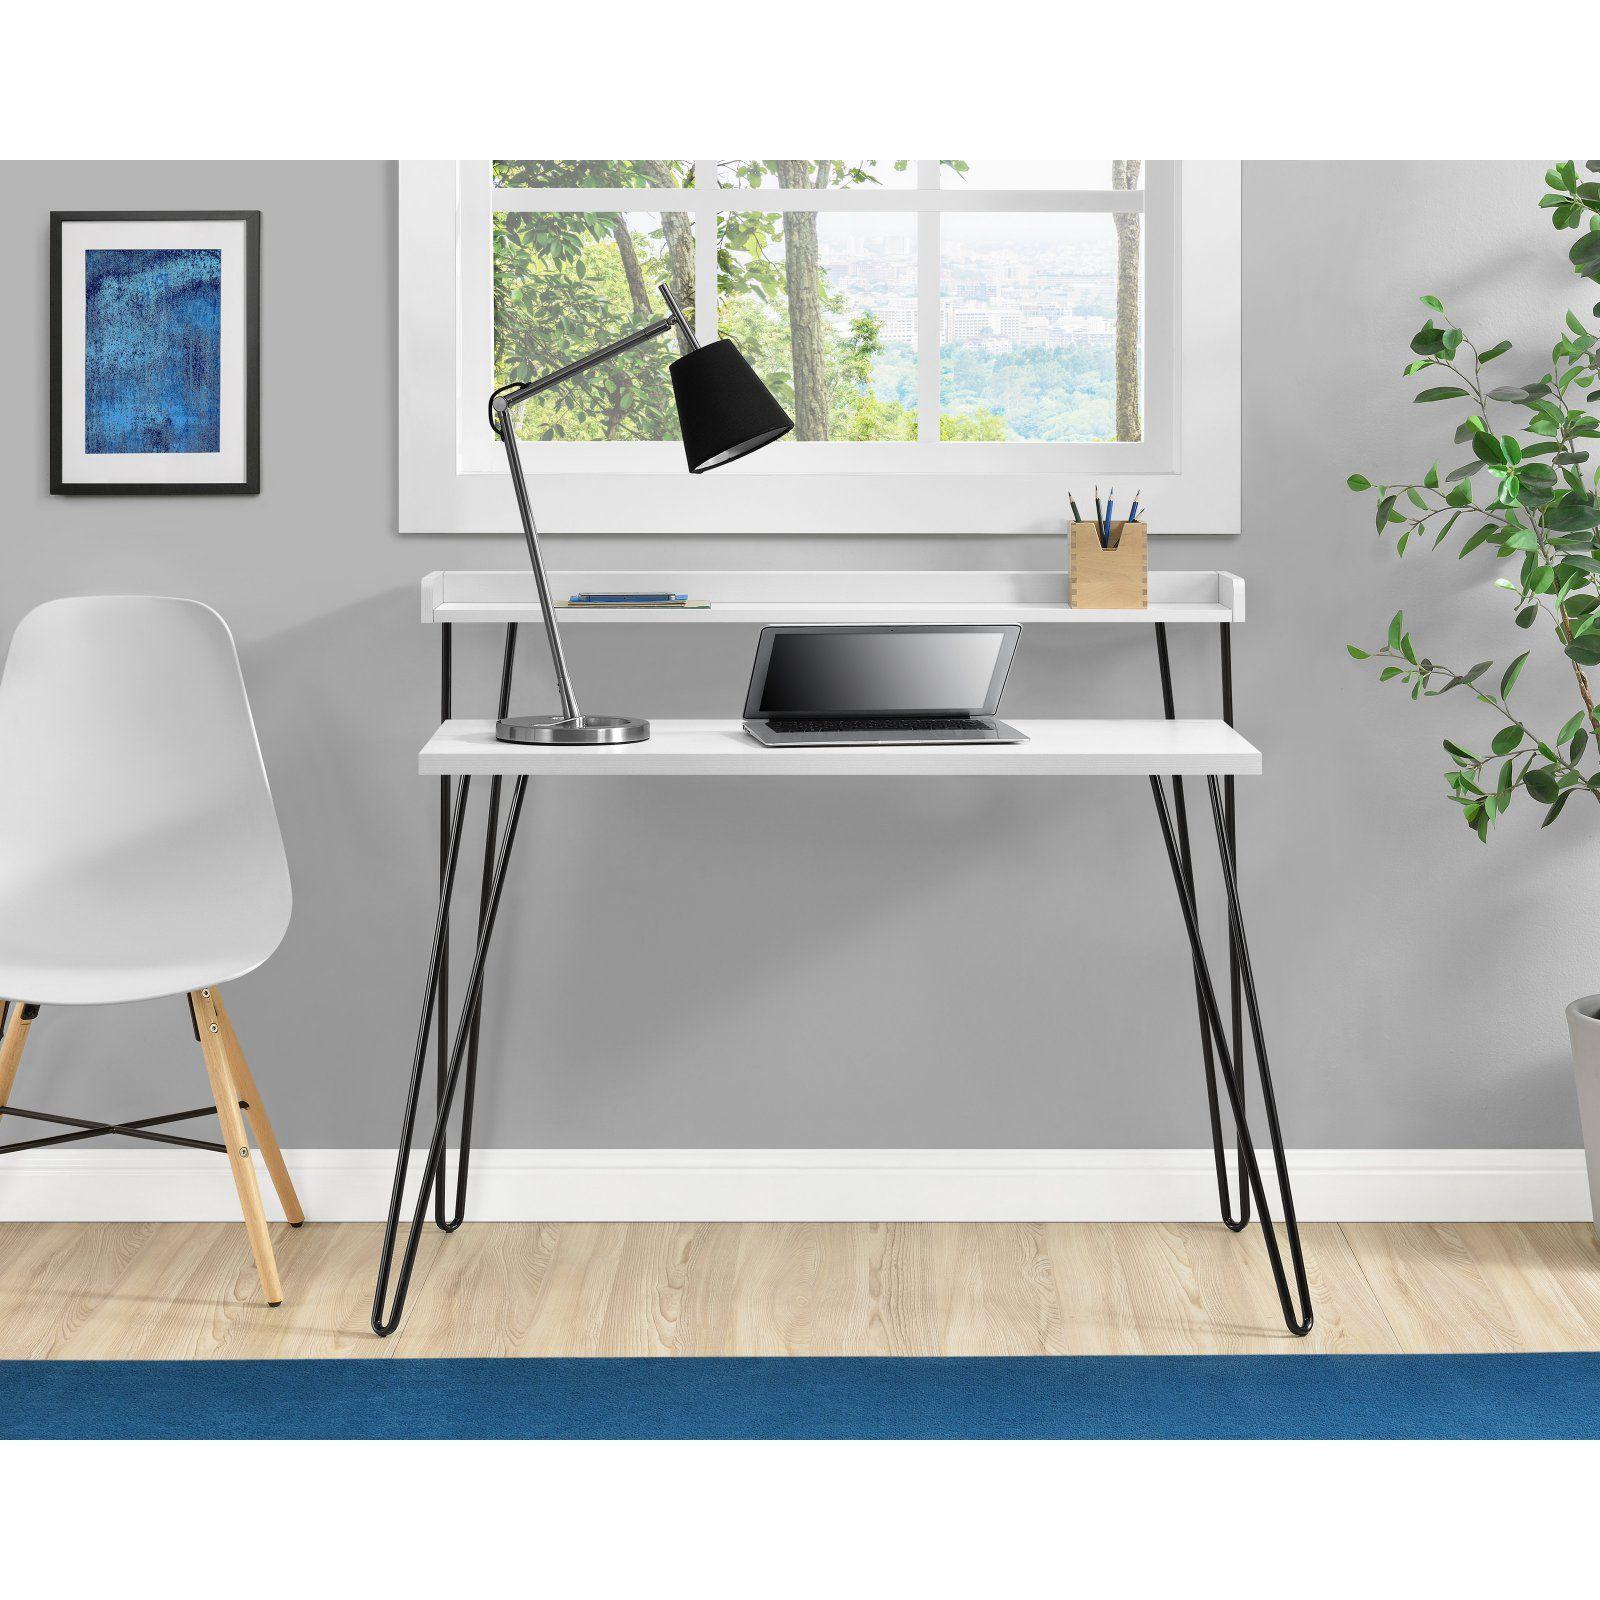 Ameriwood Home Haven Retro Desk with Riser White